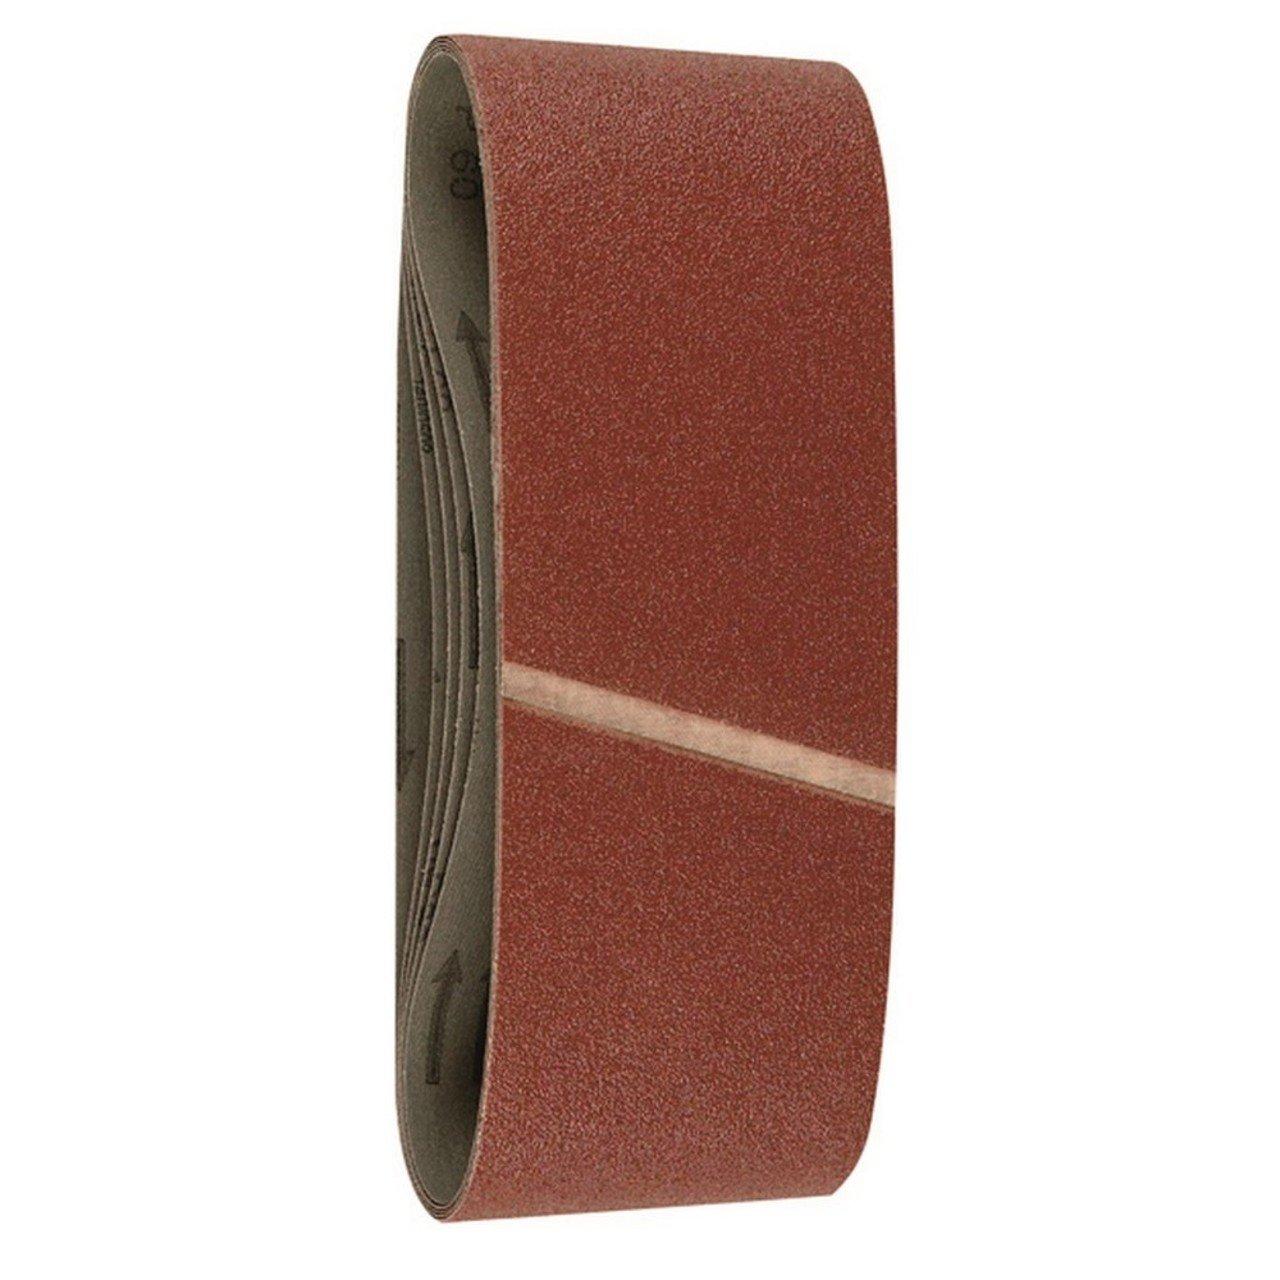 Hitachi - 753260 - Set de 6 ud. de papel de lilja para lijadoras de banda 100x610 mm de granos 60/80/120